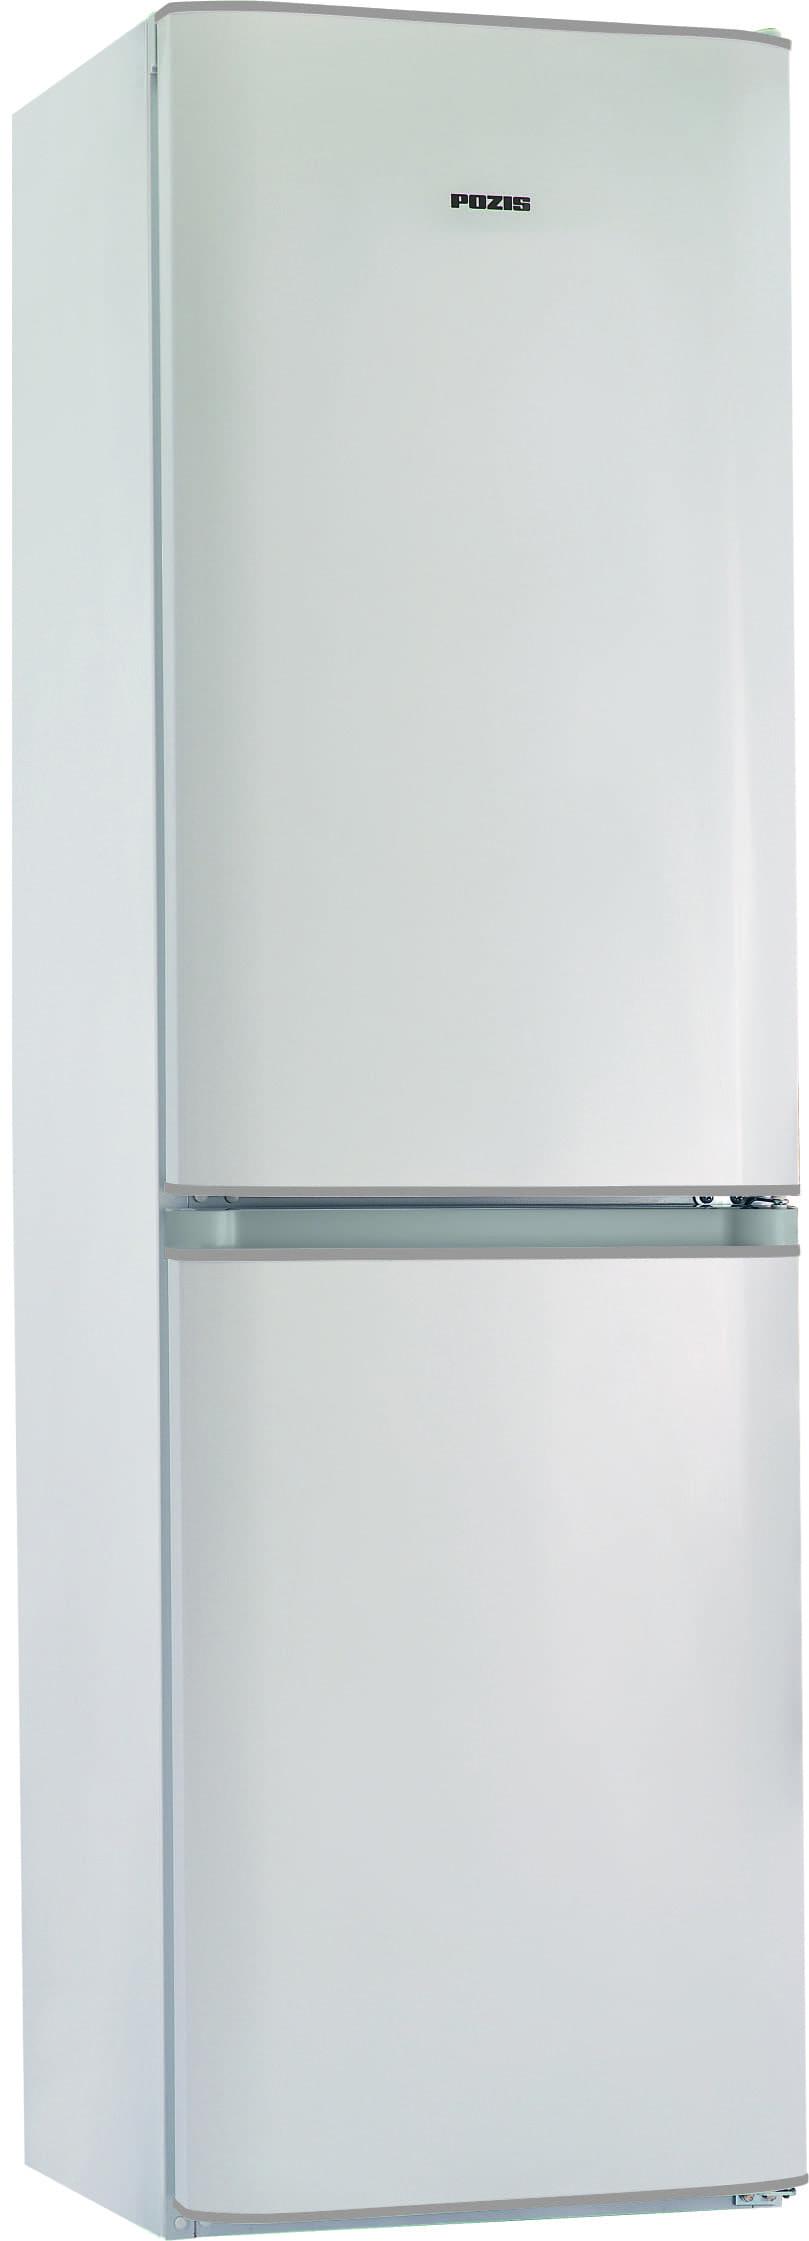 Шкаф холодильный RK FNF-172 белый с серебристыми накладками